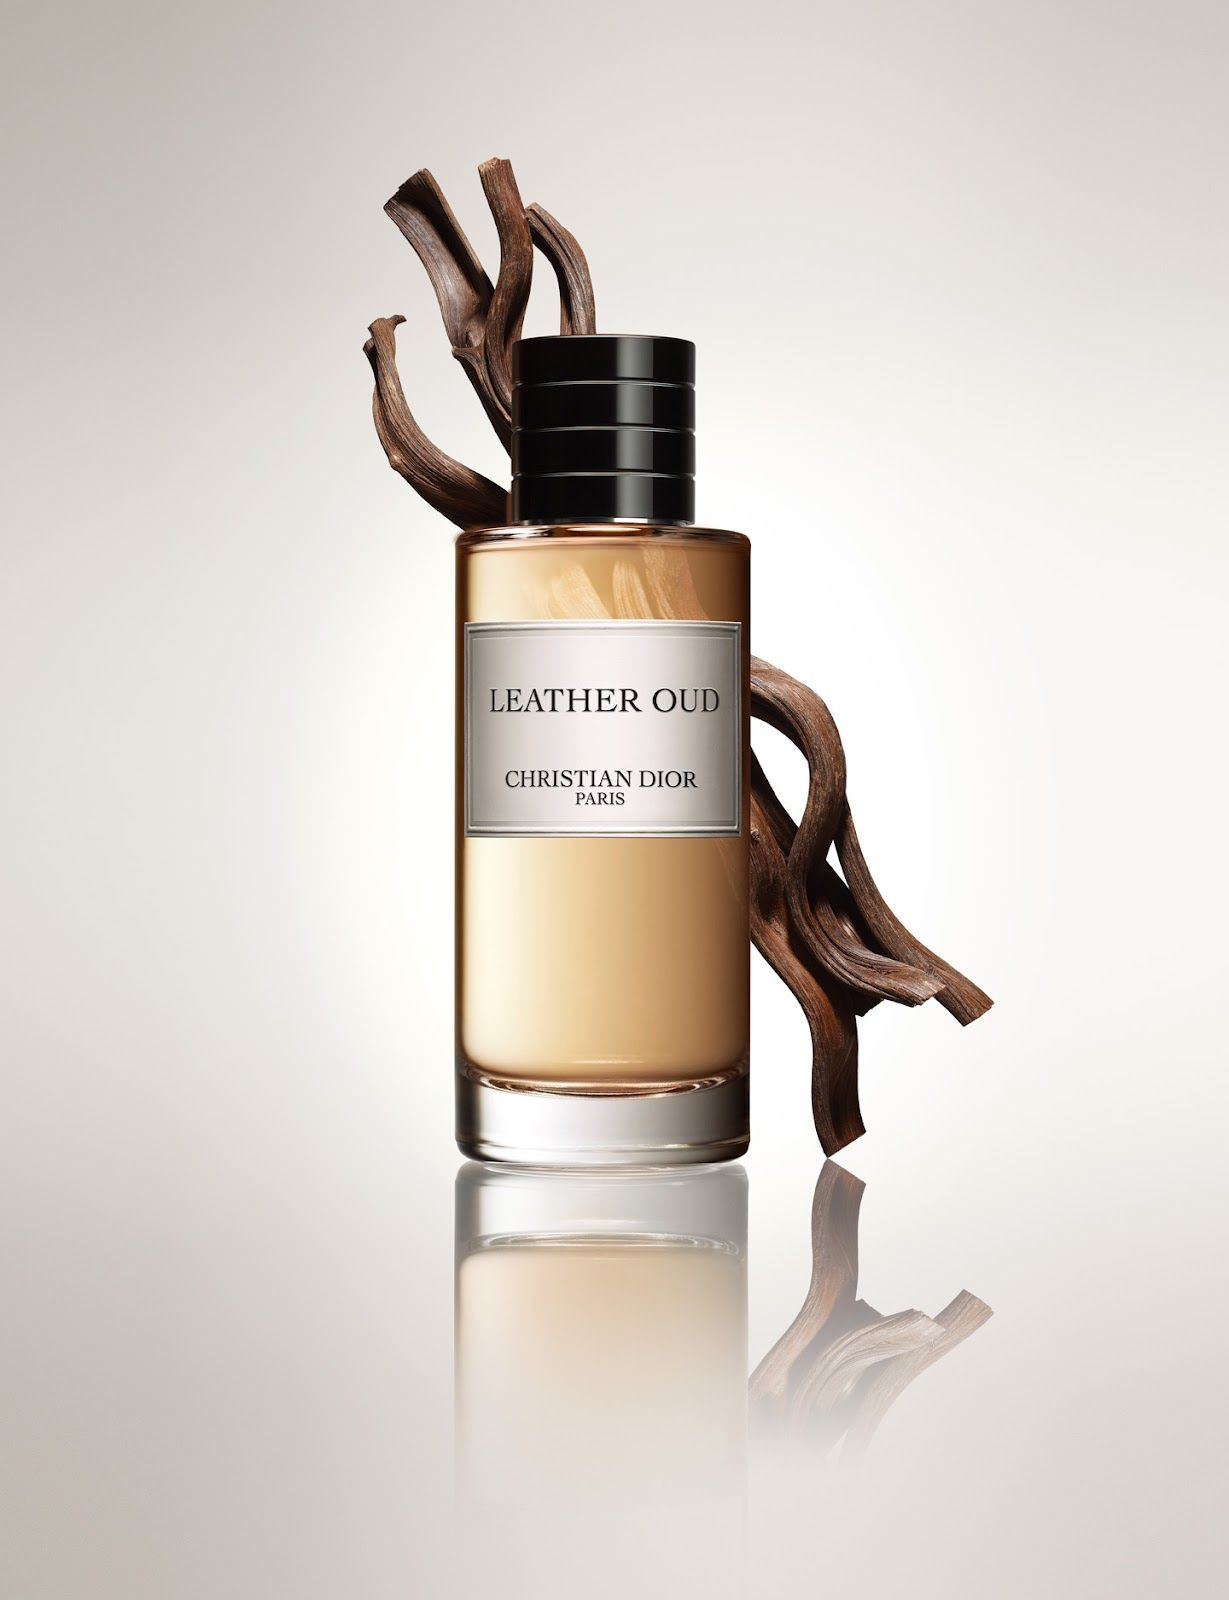 Leather Oud By Christian Dior Collection Privee Fragrance Beauty Christmas Parfumeur Produits De Beaute Parfum